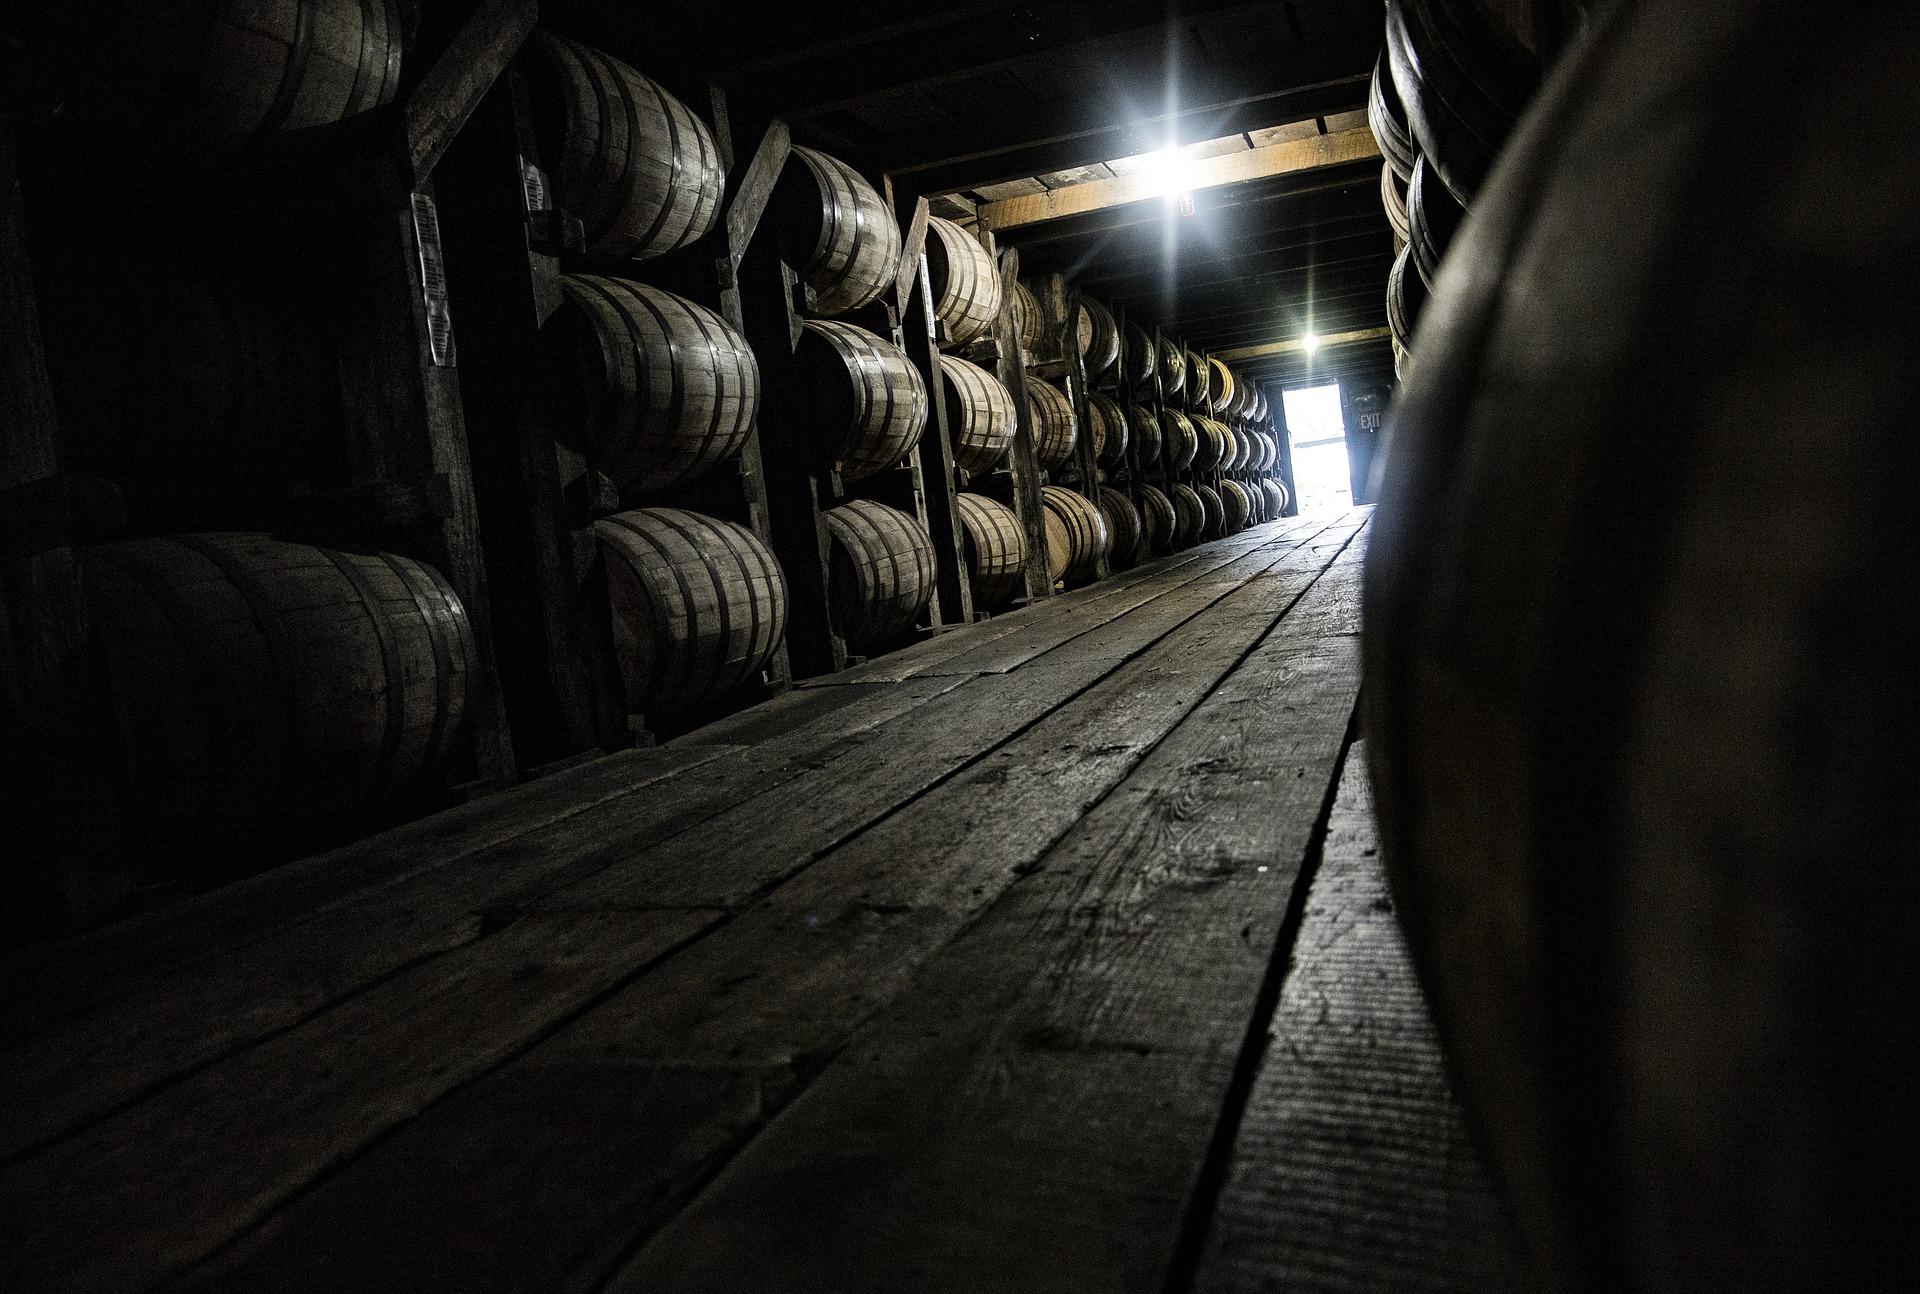 Barriques de whisky - Spiritueux